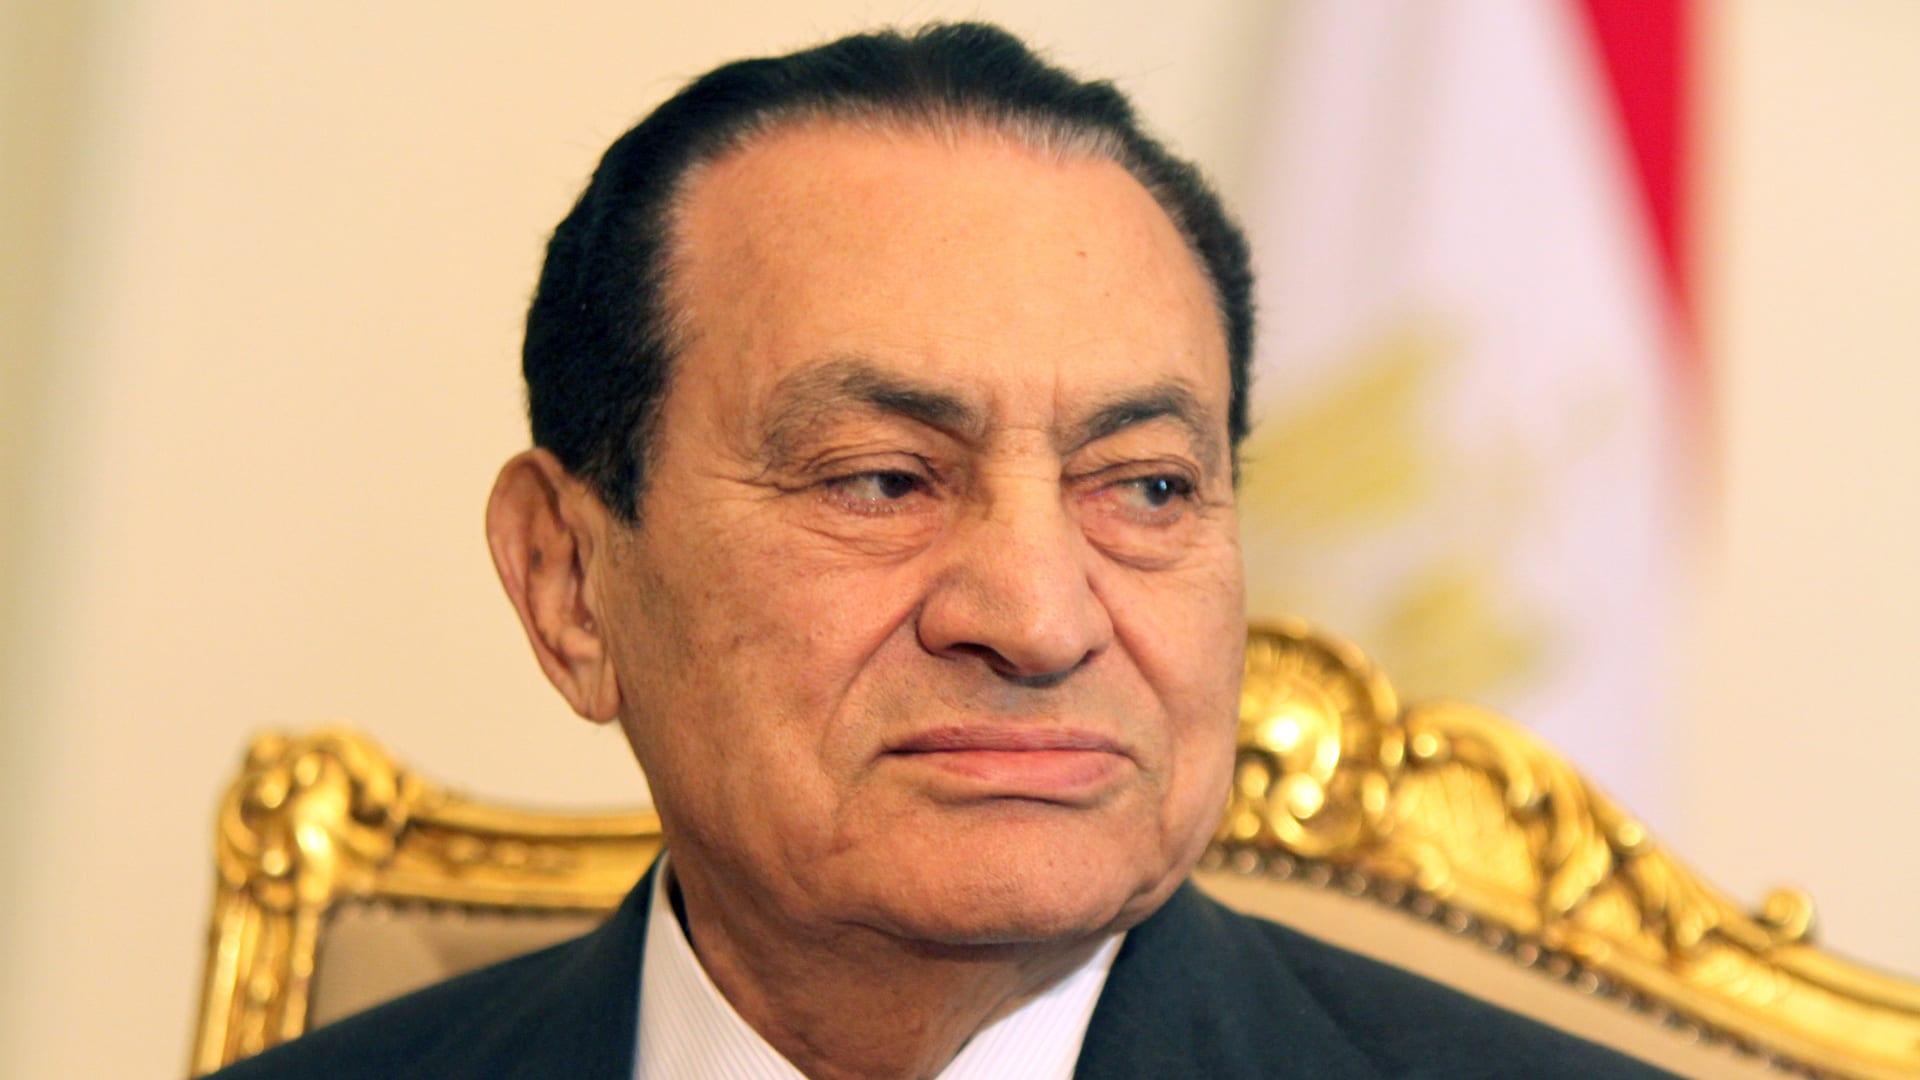 """إعلامي مصري: مشهد جنازة حسني مبارك العسكرية خلاصته """"مفيش حاجة اسمها 25 يناير"""""""